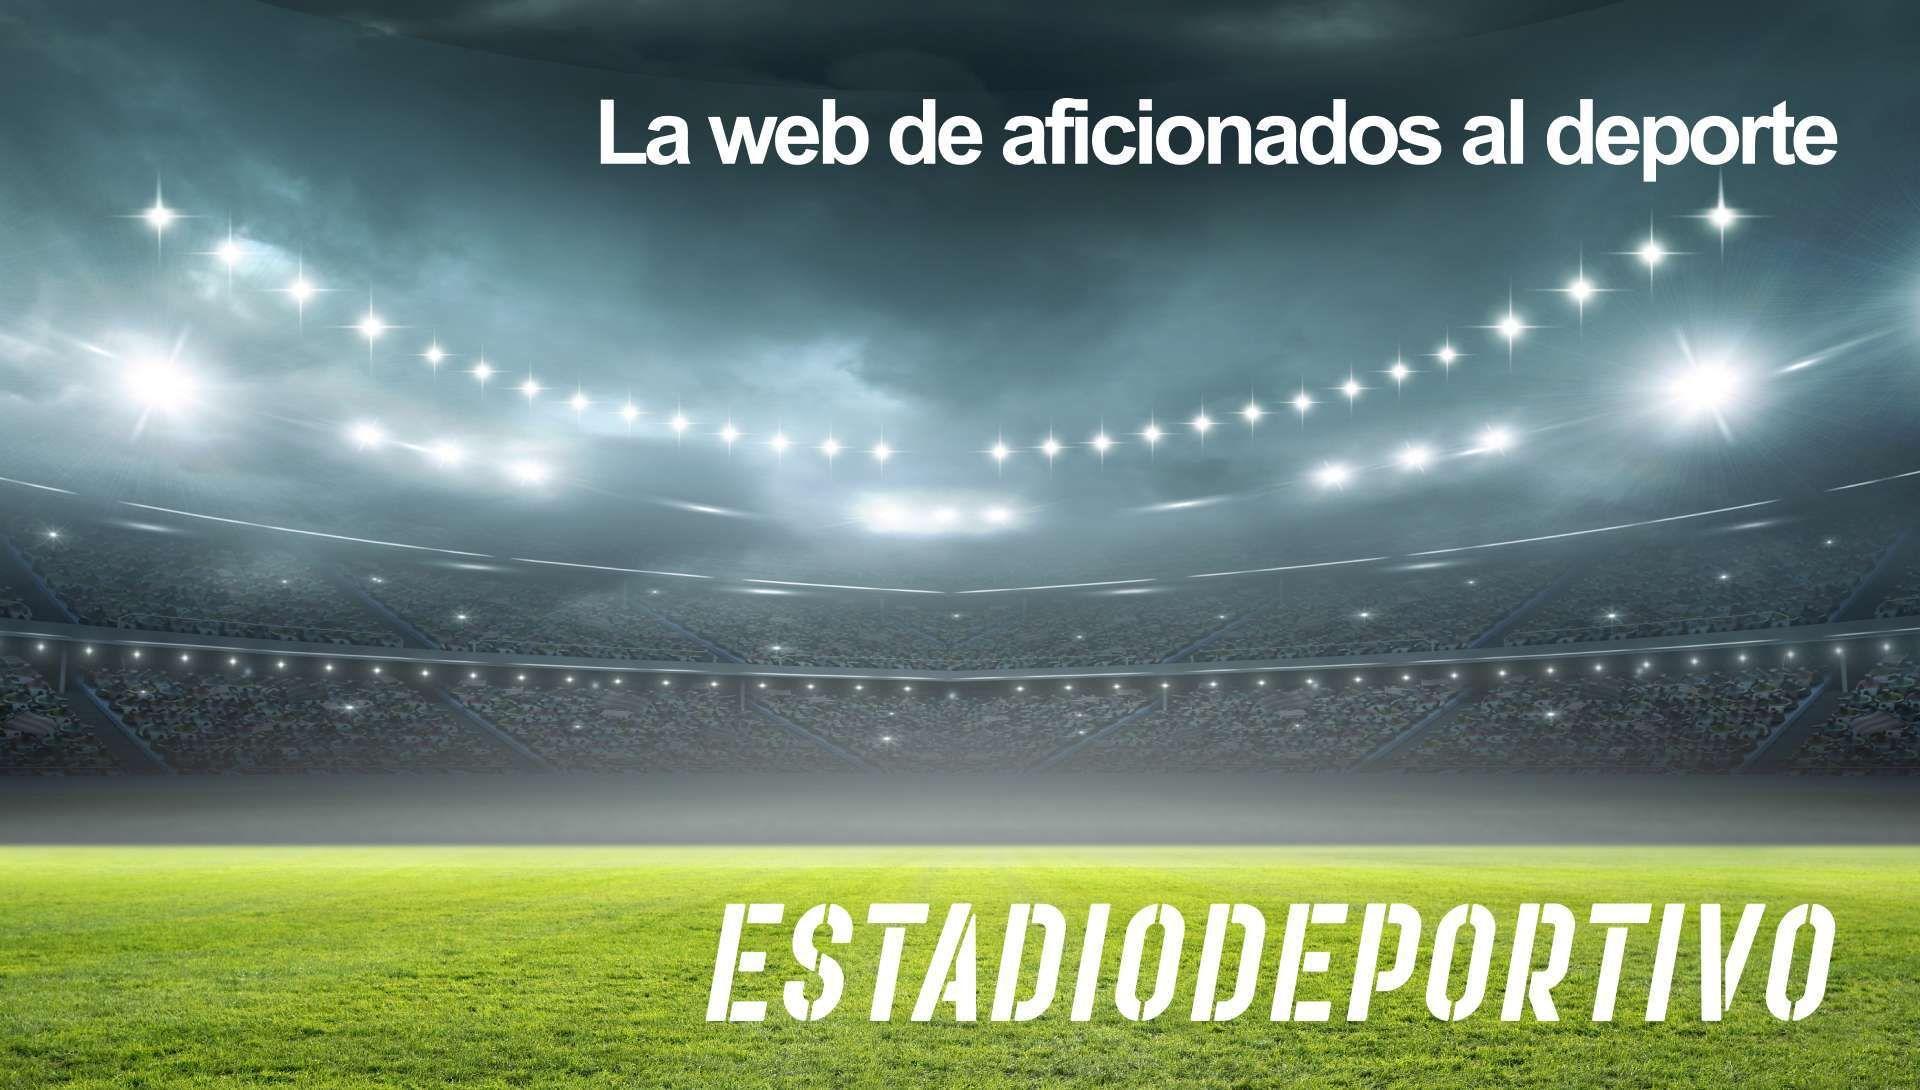 Goleadores Betis Europa League